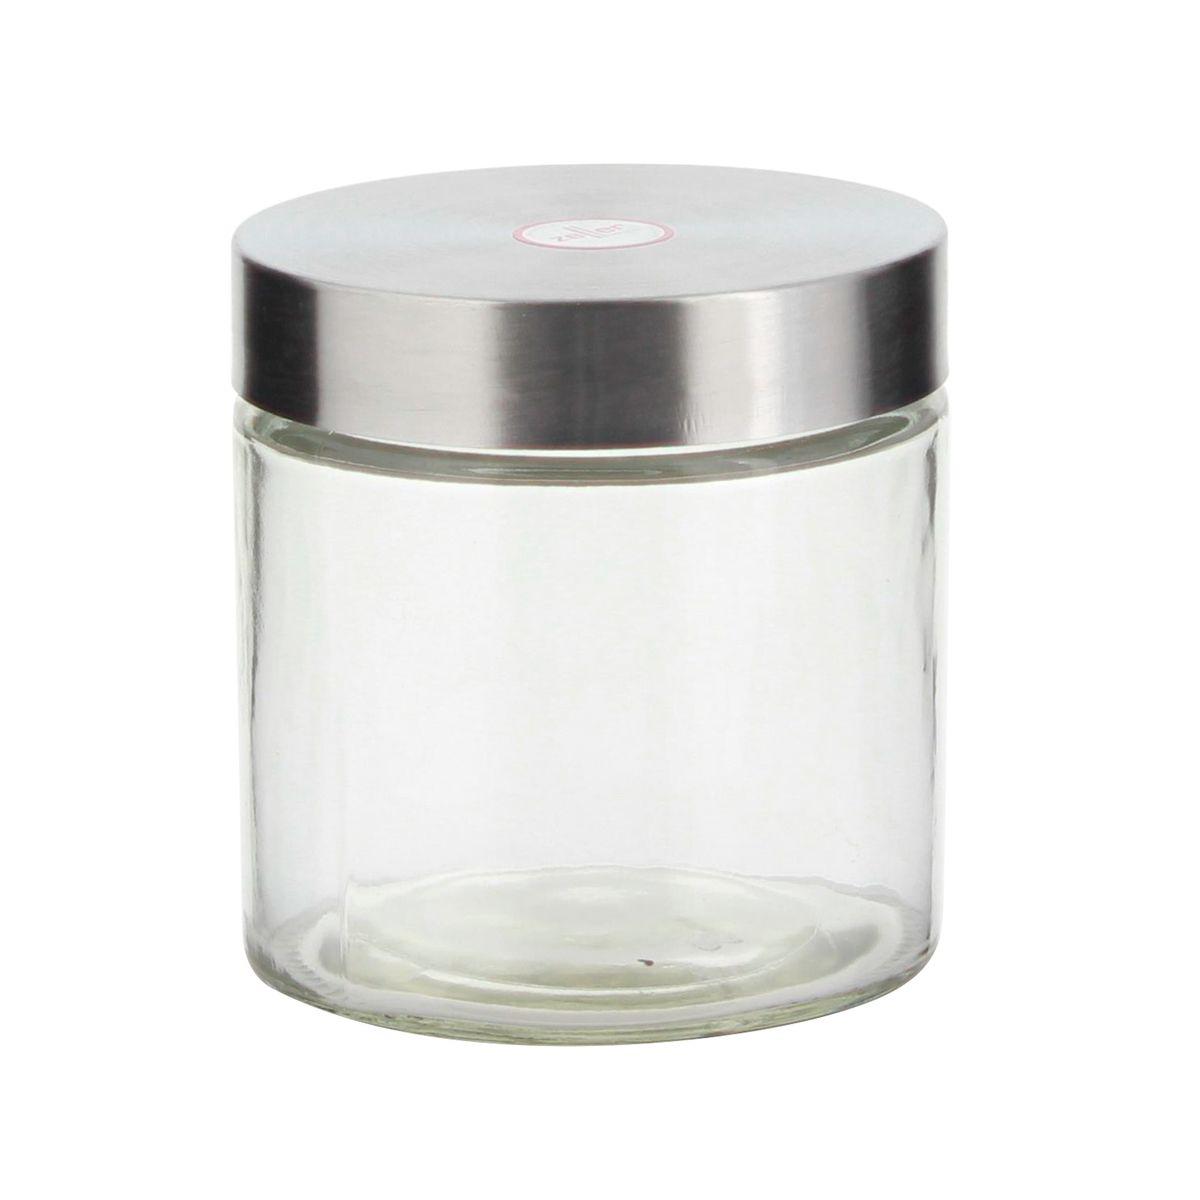 Boîte de conservation en verre avec couvercle en inox 1.1L - Zeller